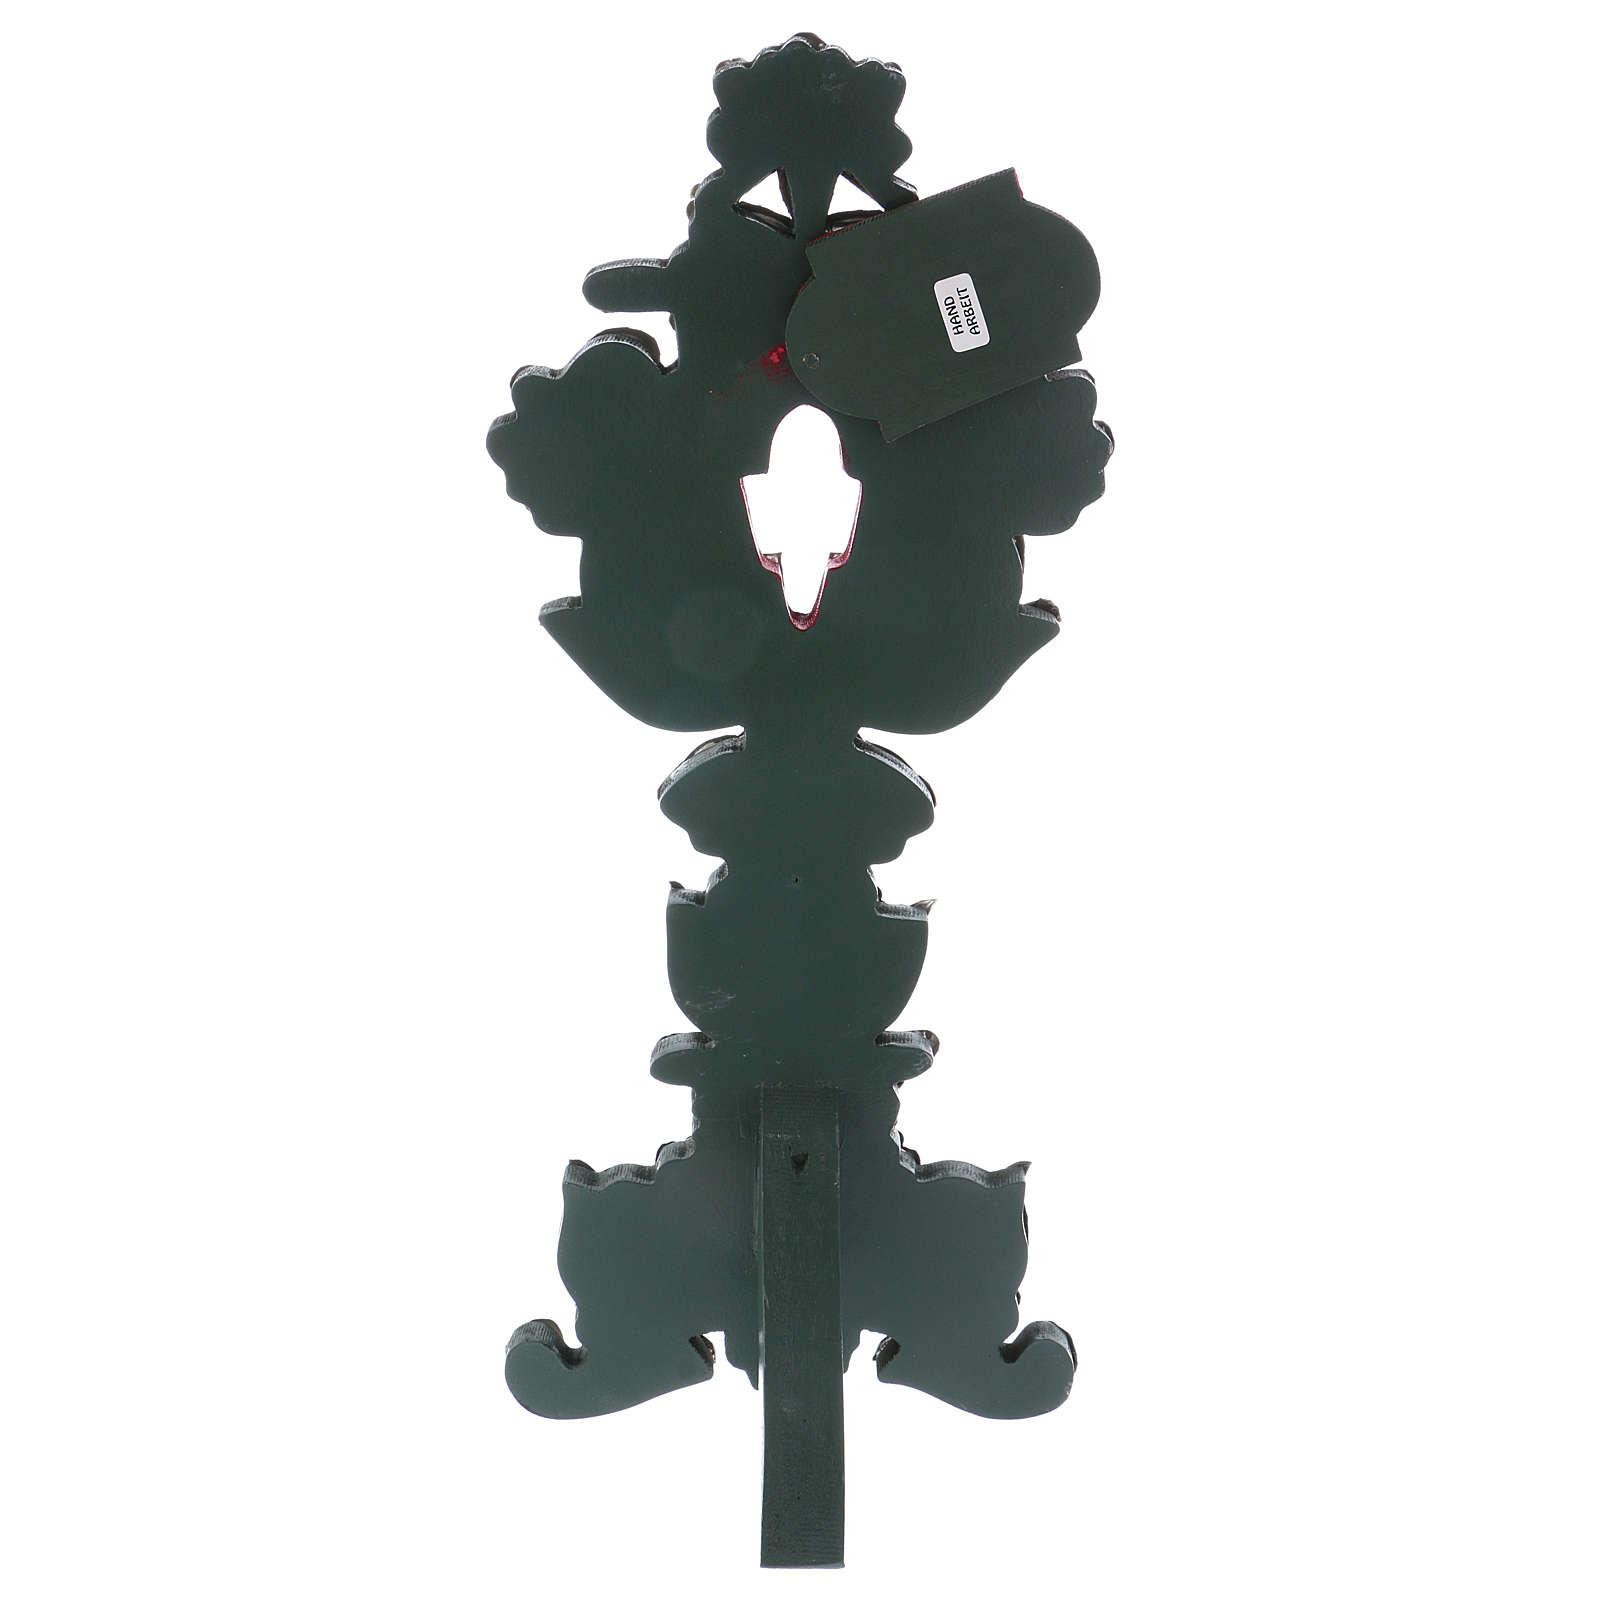 Reliquiario con croce metallo argentato h 40 cm 4